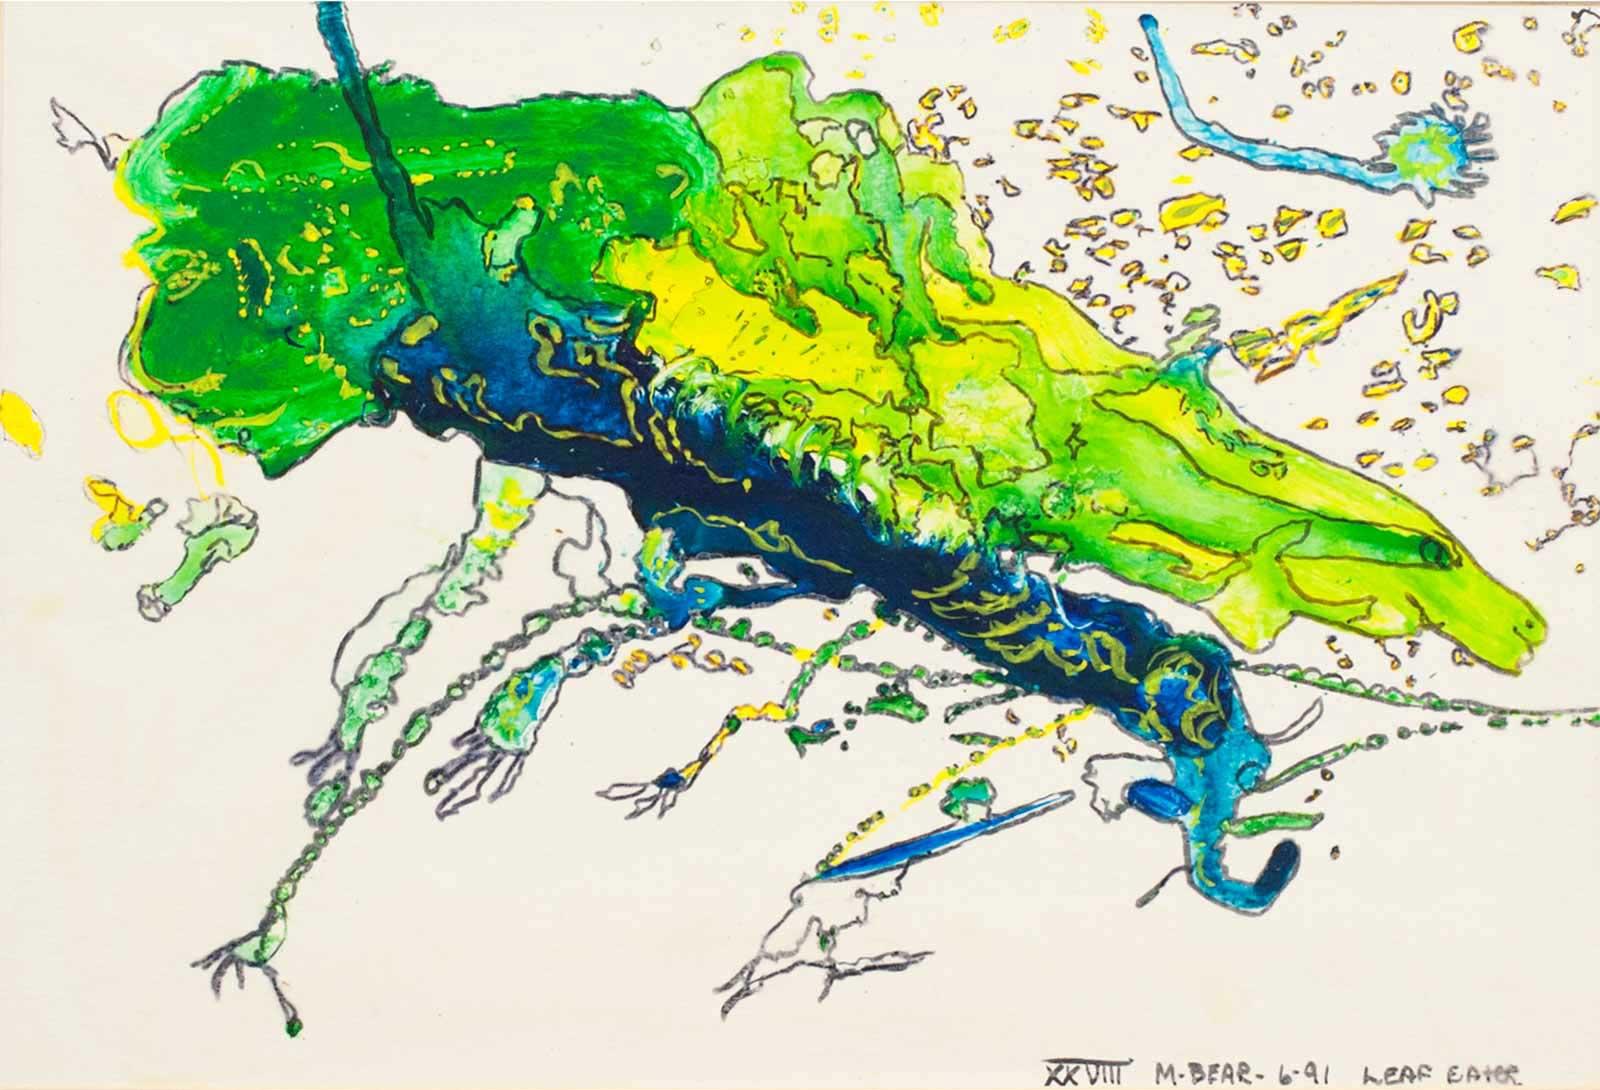 0498-MBS-06_1991-Leaf-Eater-marker-_-watercolor-on-papper_p9obvj.jpg